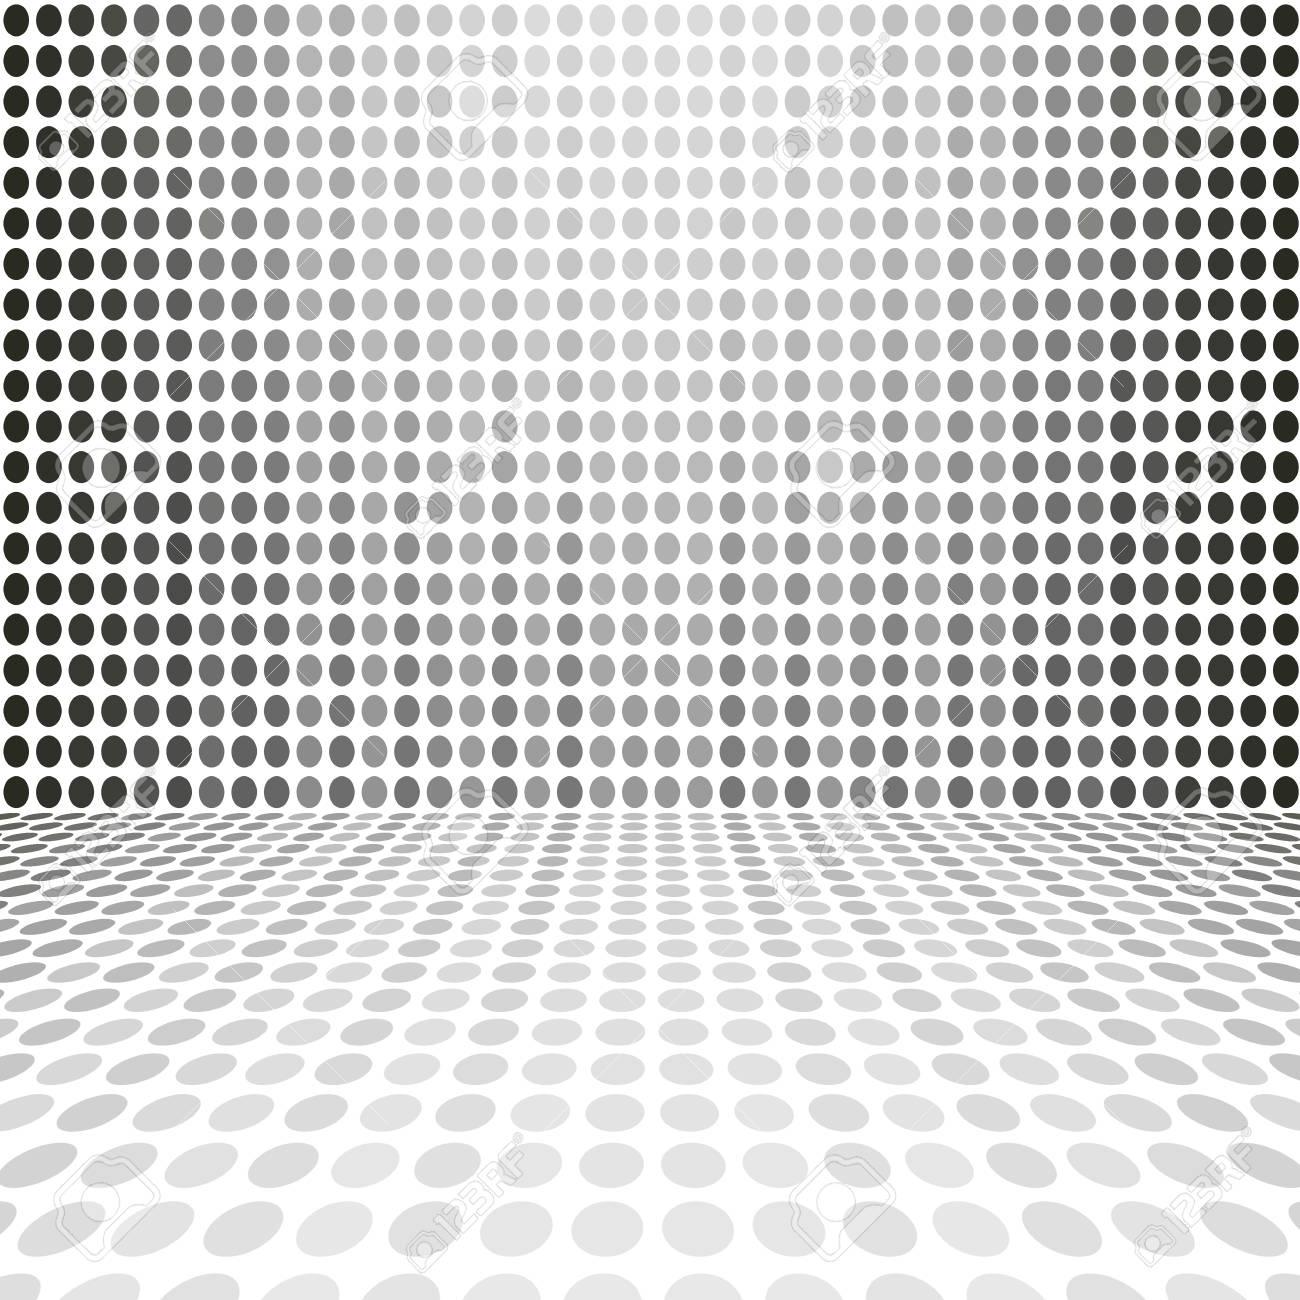 Pièce De Mur D Espace De Digital De Point Blanc Gris Vide De Perspective